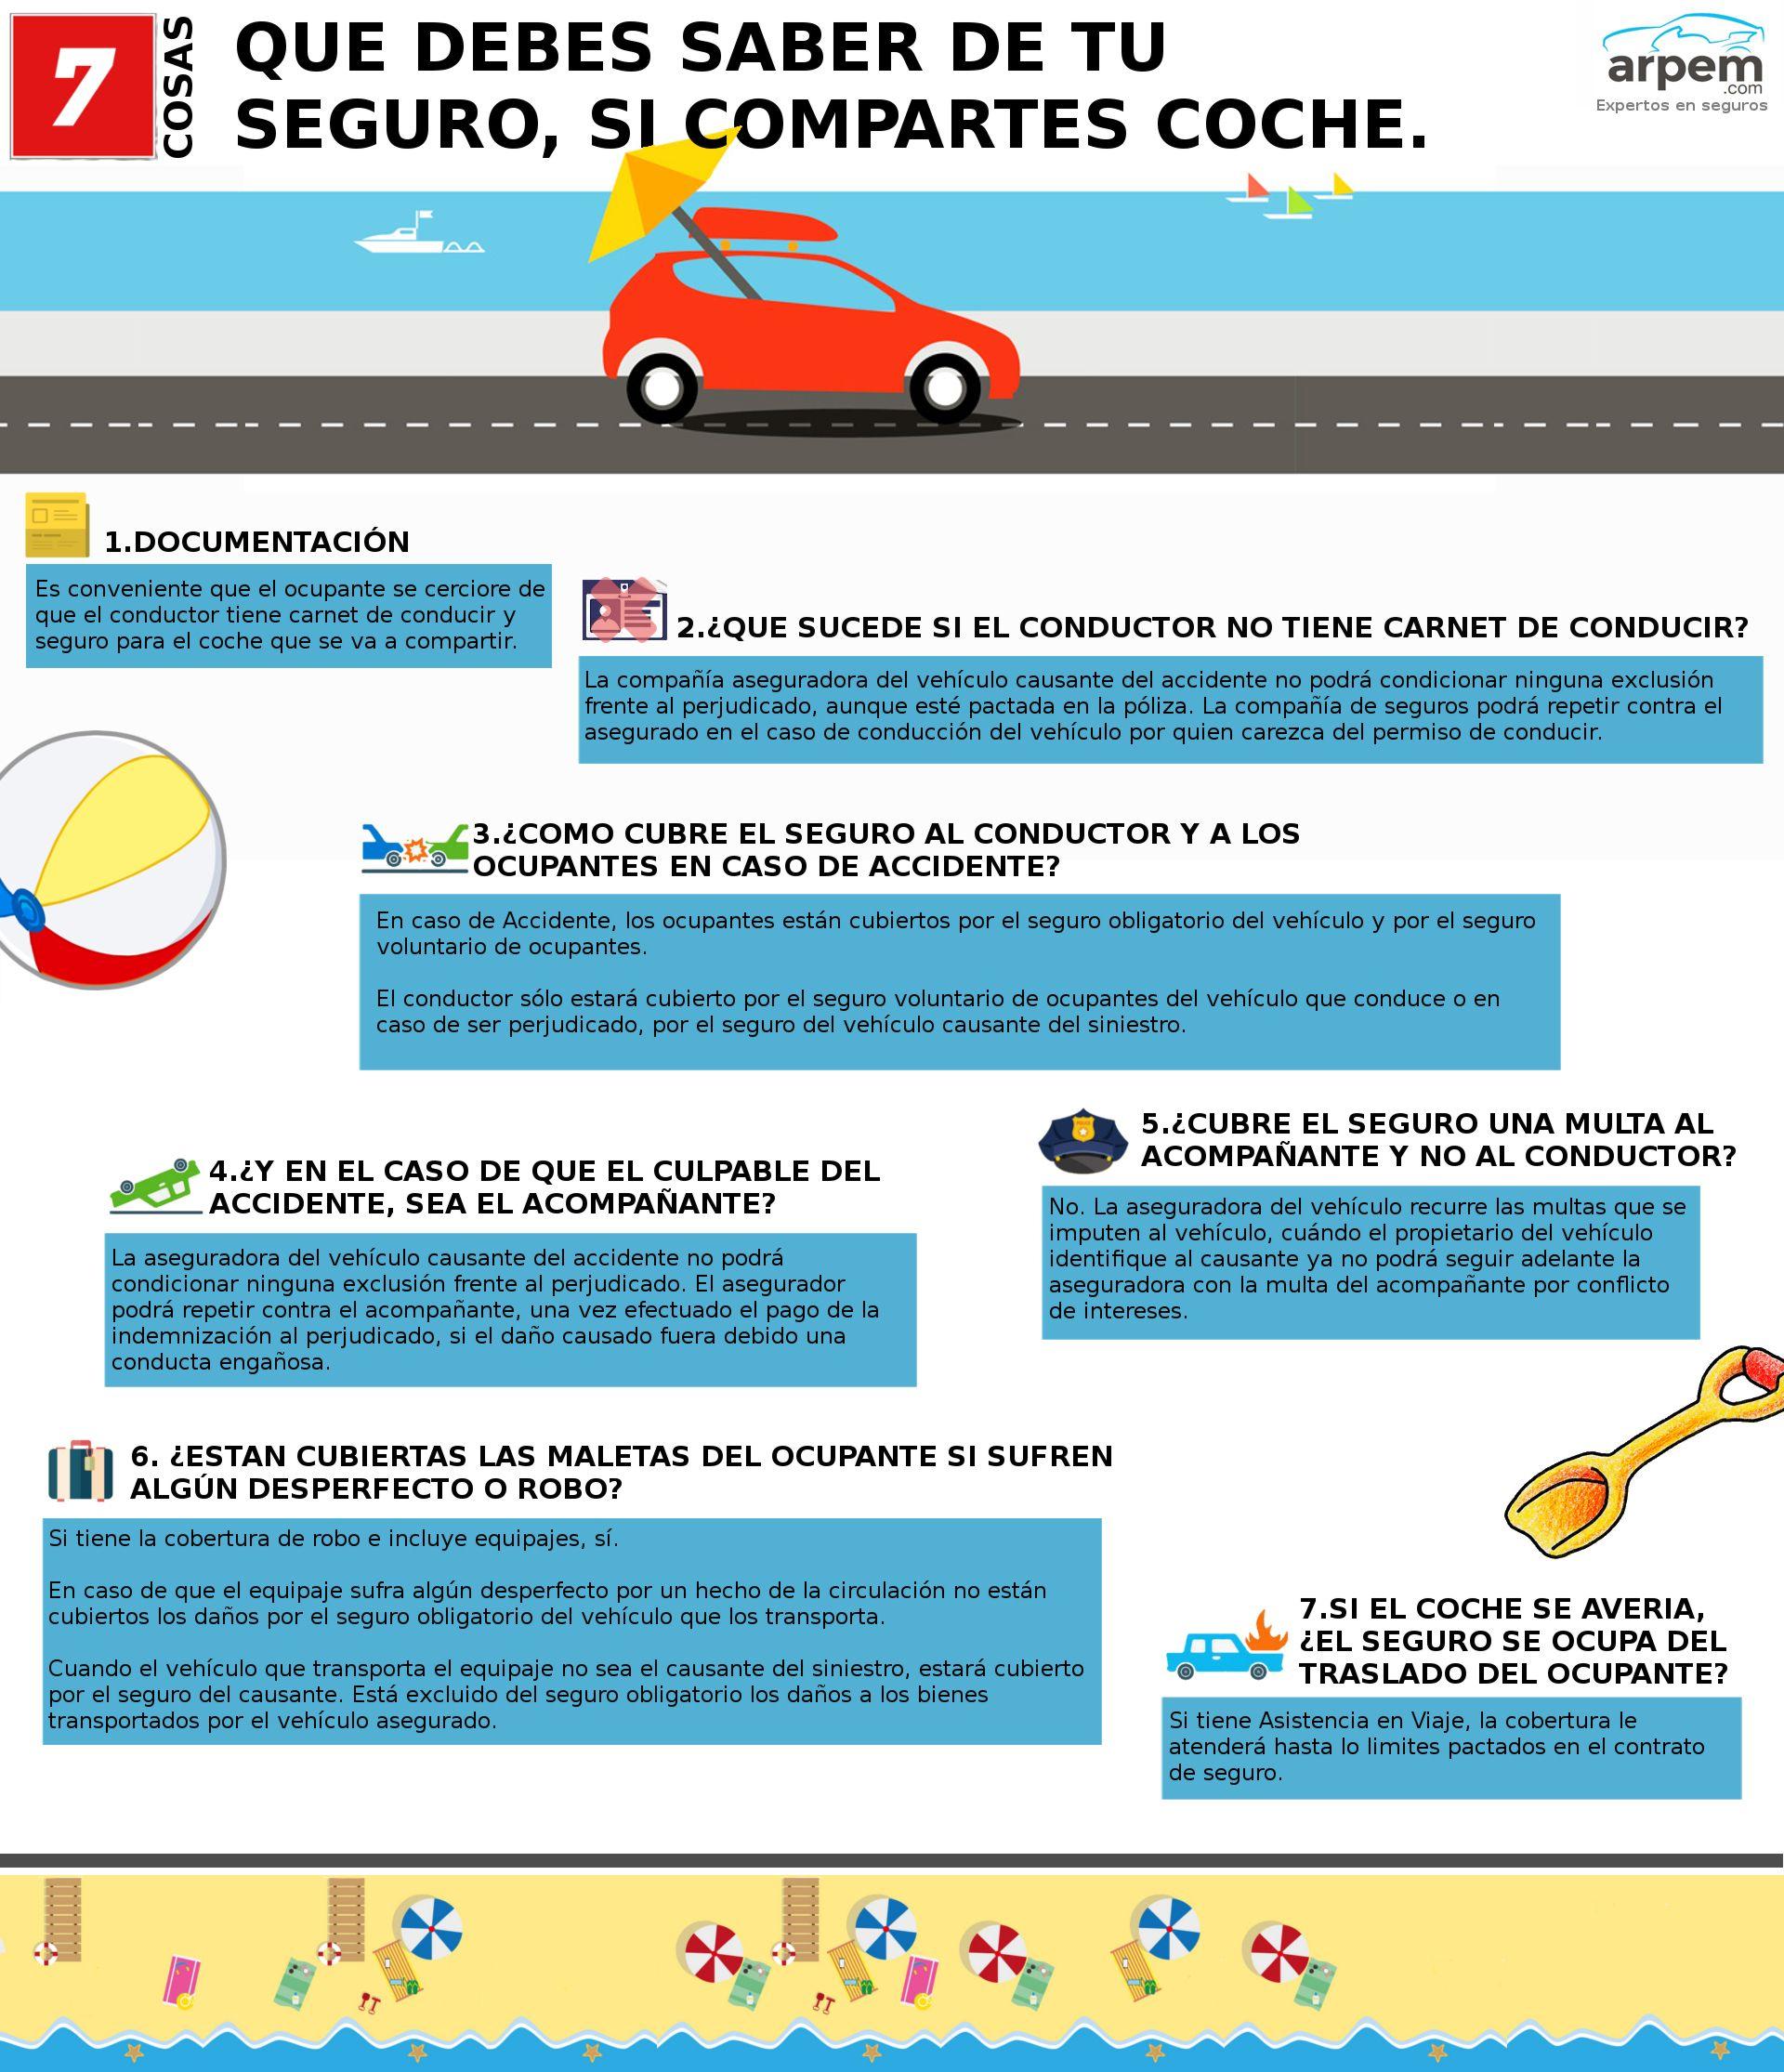 ¿Viajas en coche este verano Sigue nuestros consejos y gana en seguridad y protección (2)